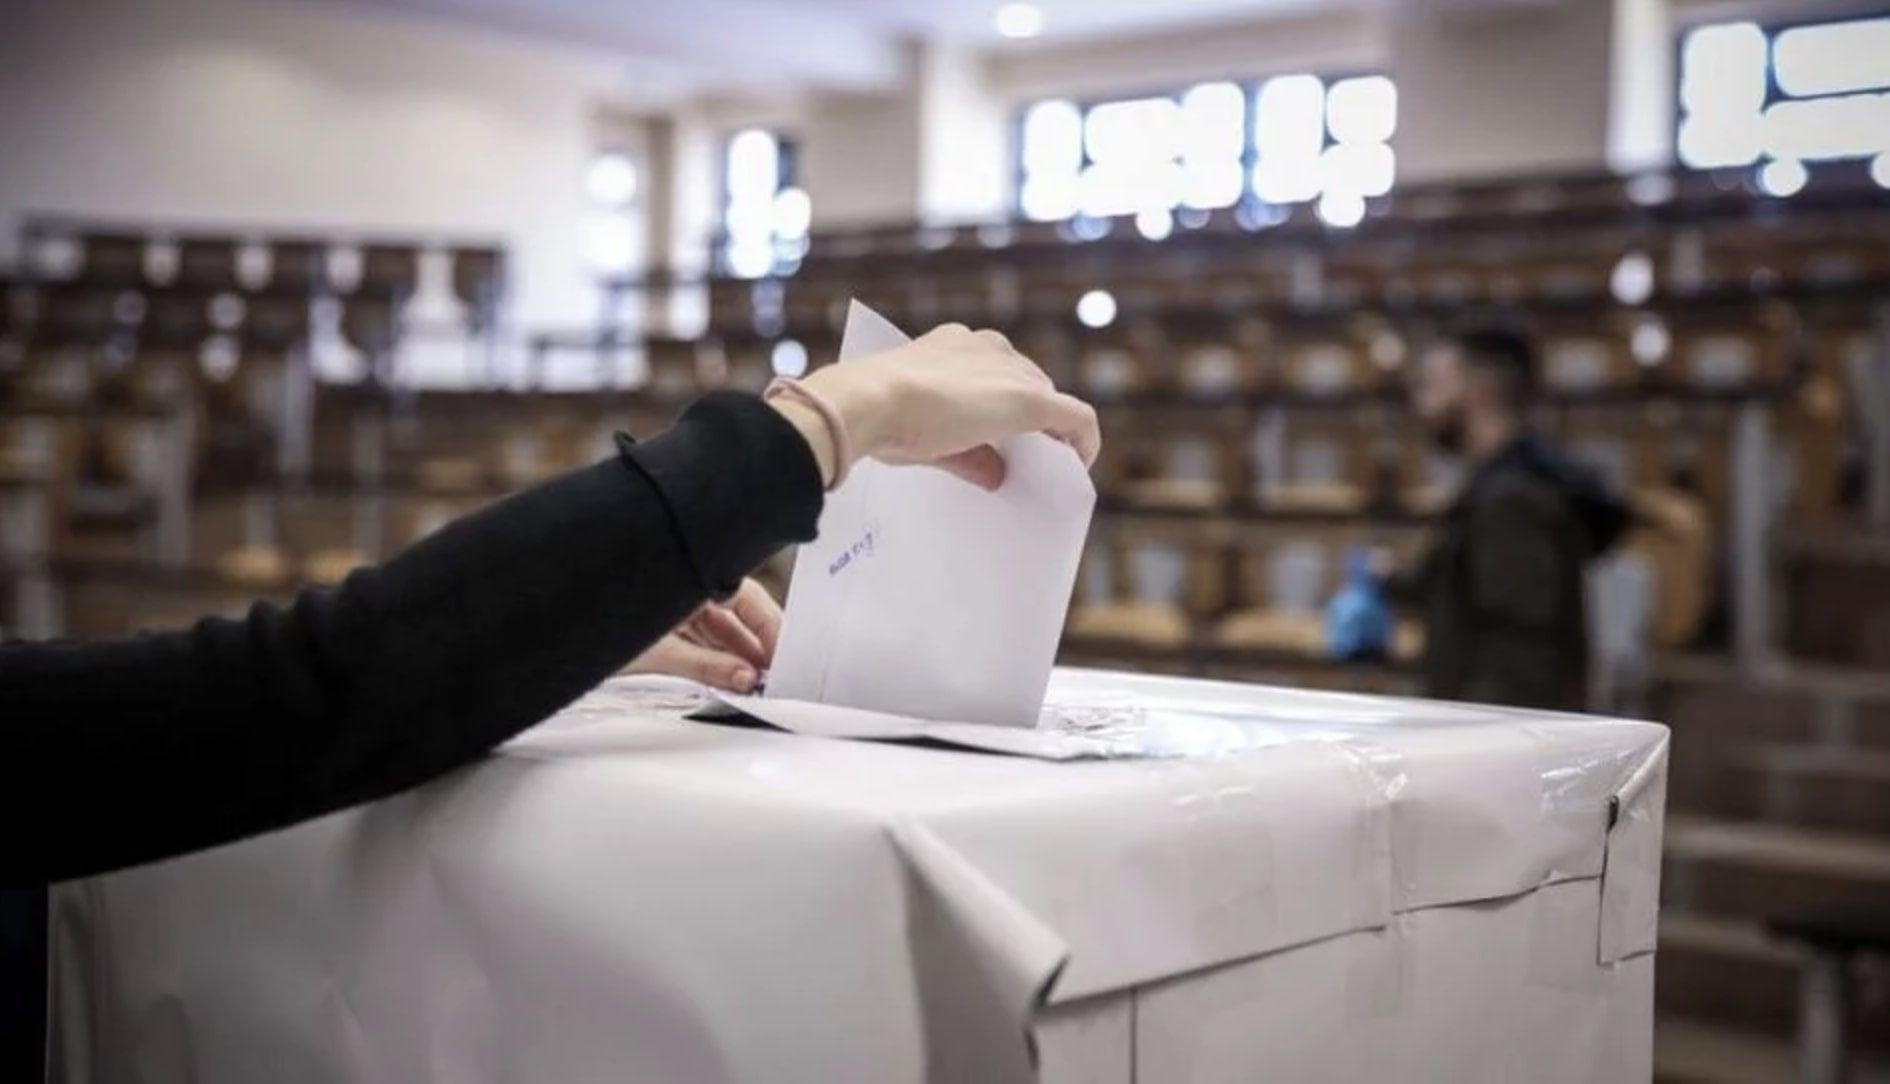 Φοιτητικές Εκλογές (2019) Αποτελέσματα ανά Πανεπιστήμιο, Σχολή και Τμήμα